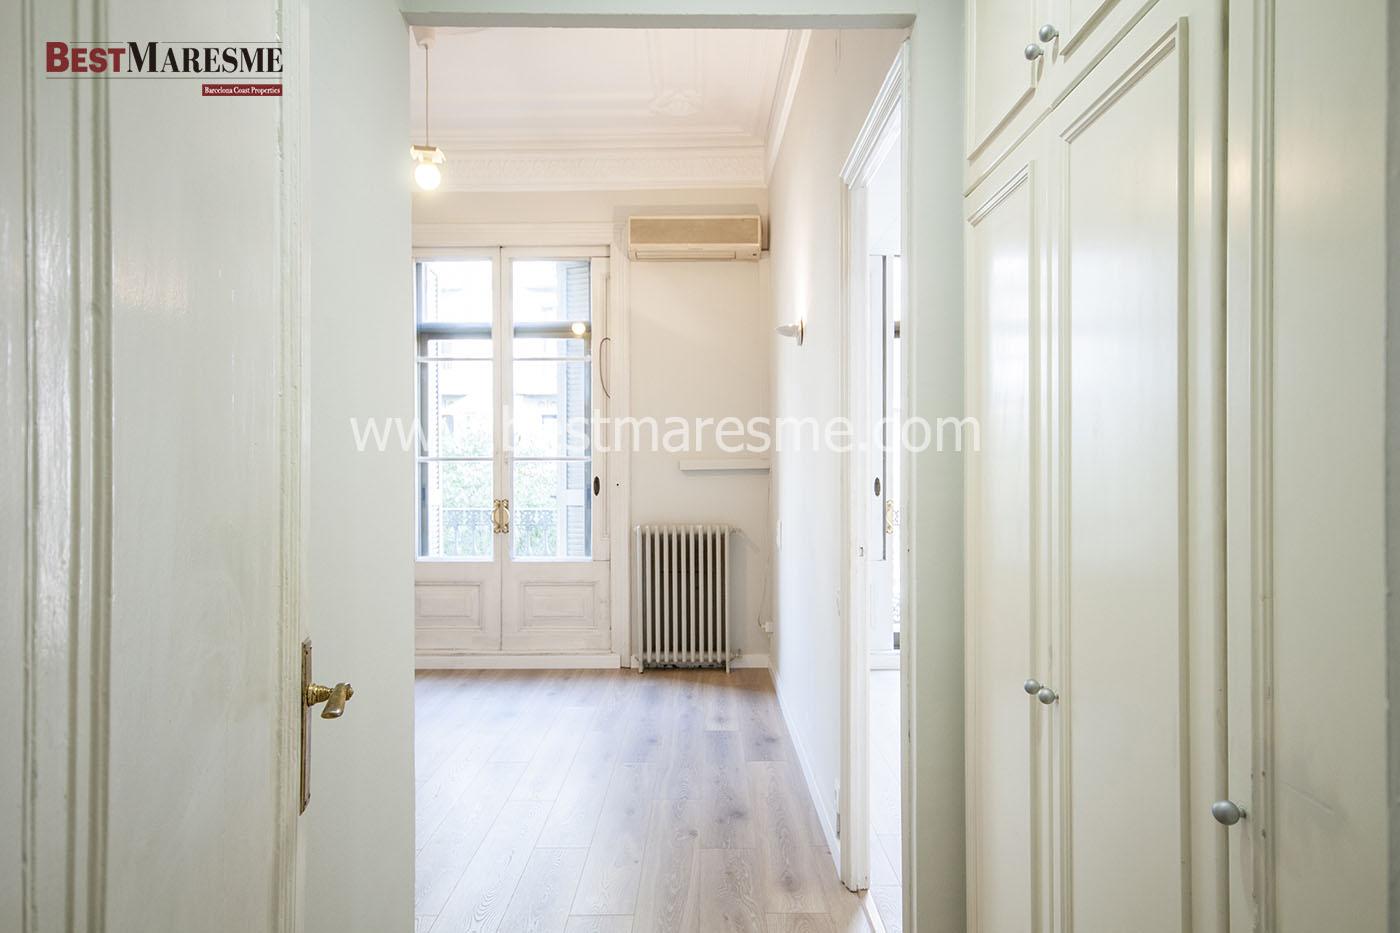 5 habitaciones, 2 en suite